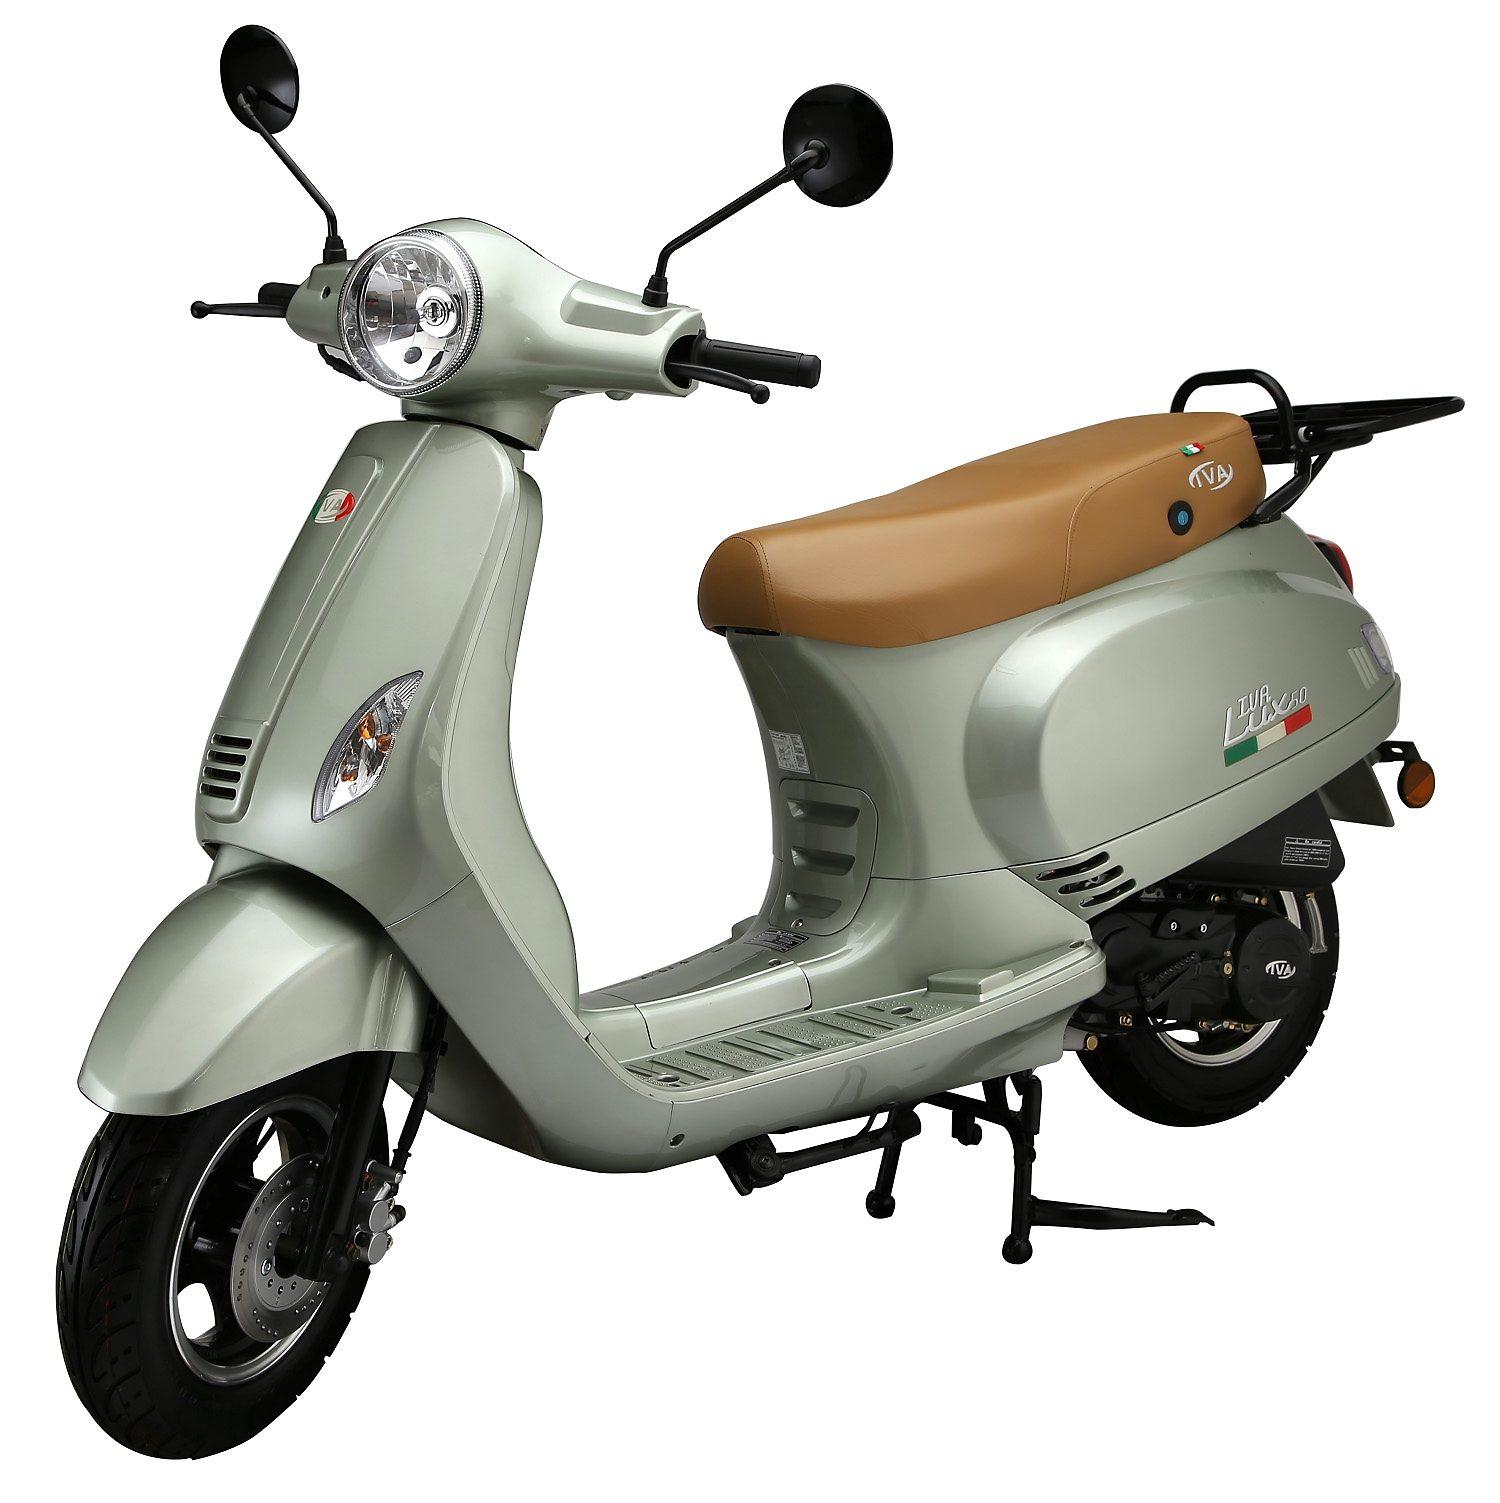 Motorroller, 50 ccm, 3 PS, 45 km/h, für 2 Personen, mintgrün, »LUX«, IVA